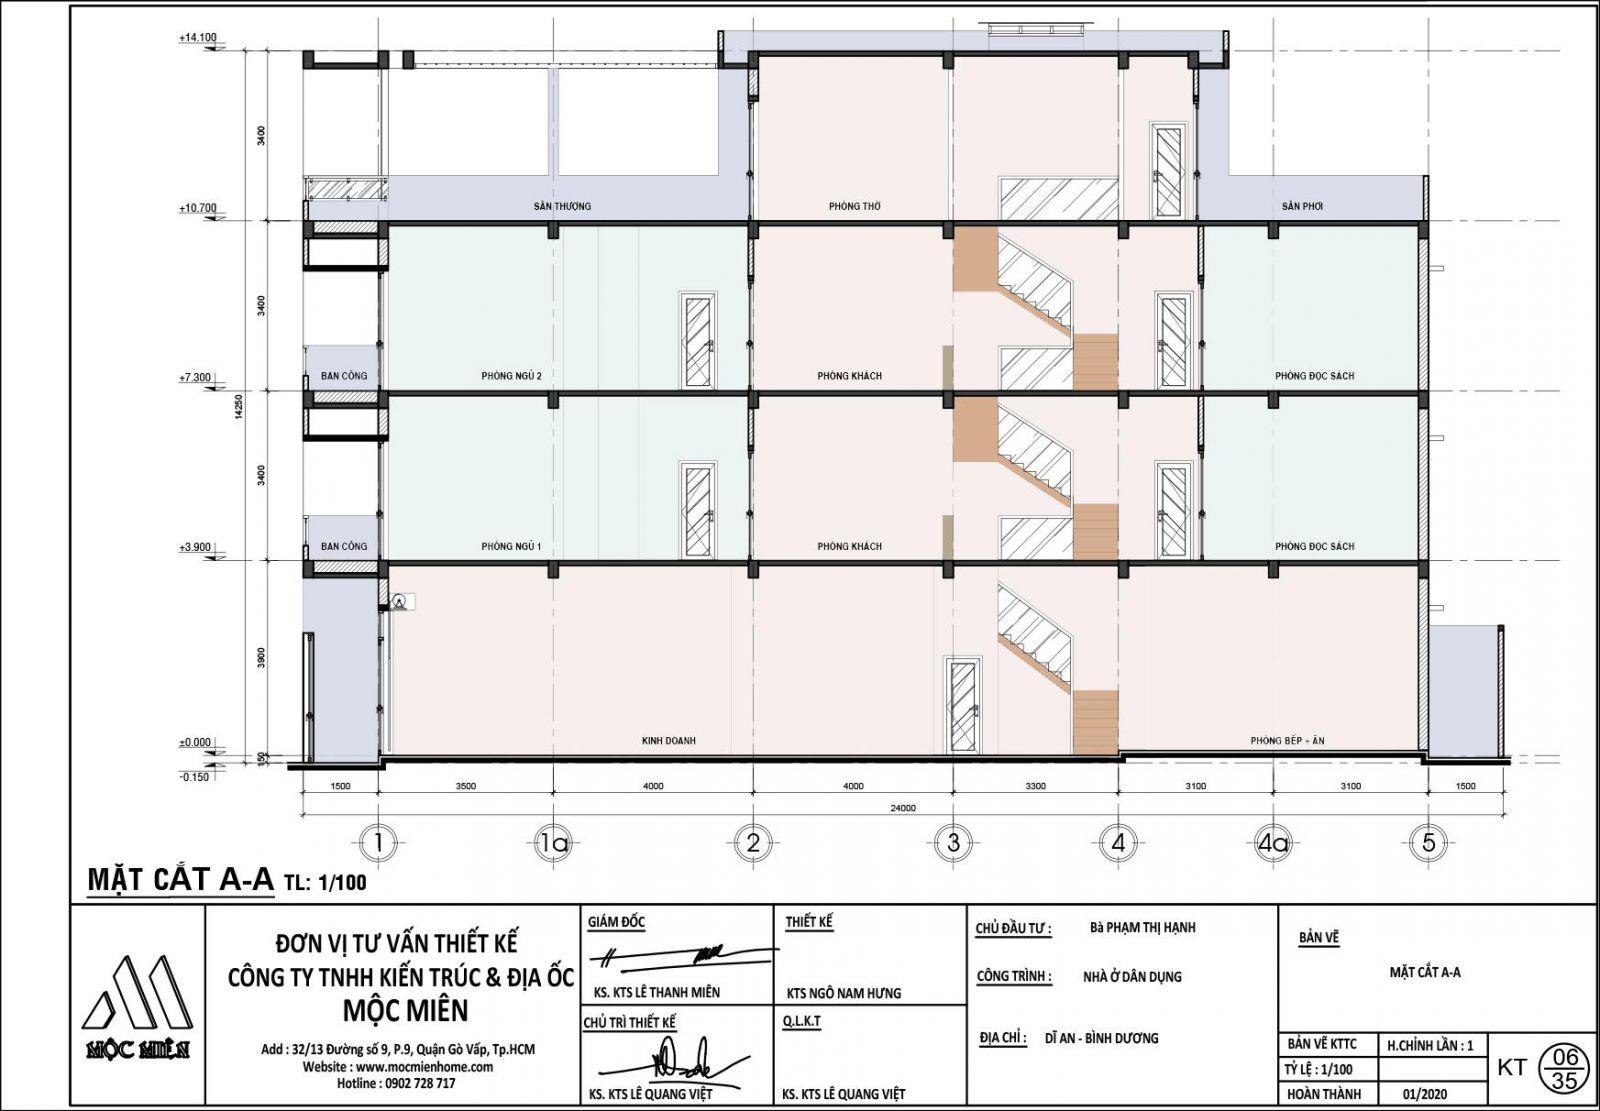 cần hồ sơ thiết kế  3d trước khi xây nhà